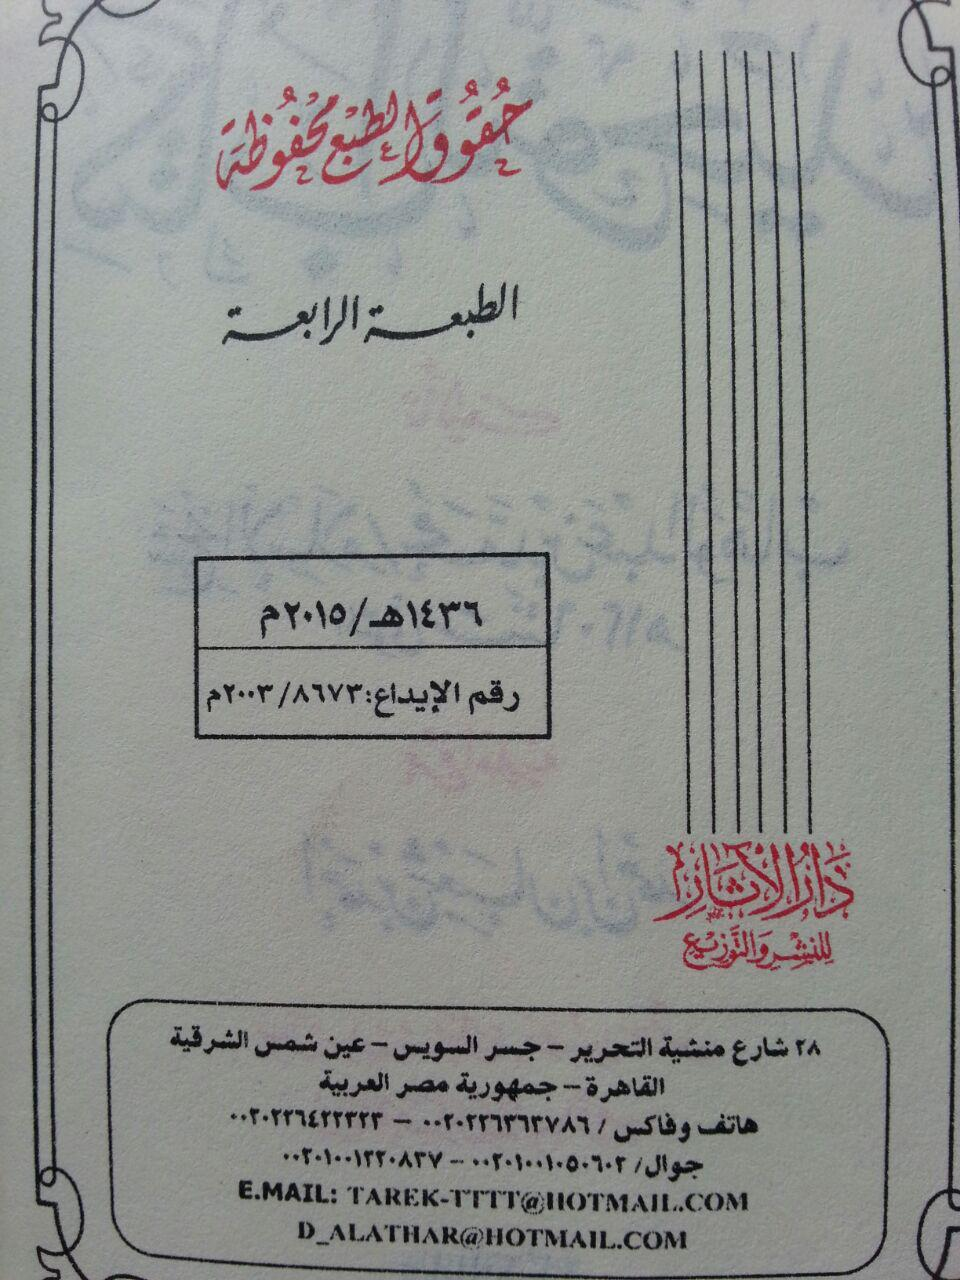 KT071 Kitab Matan Kitab At-Tauhid Muhammad bin Abdul Wahhab isi 3